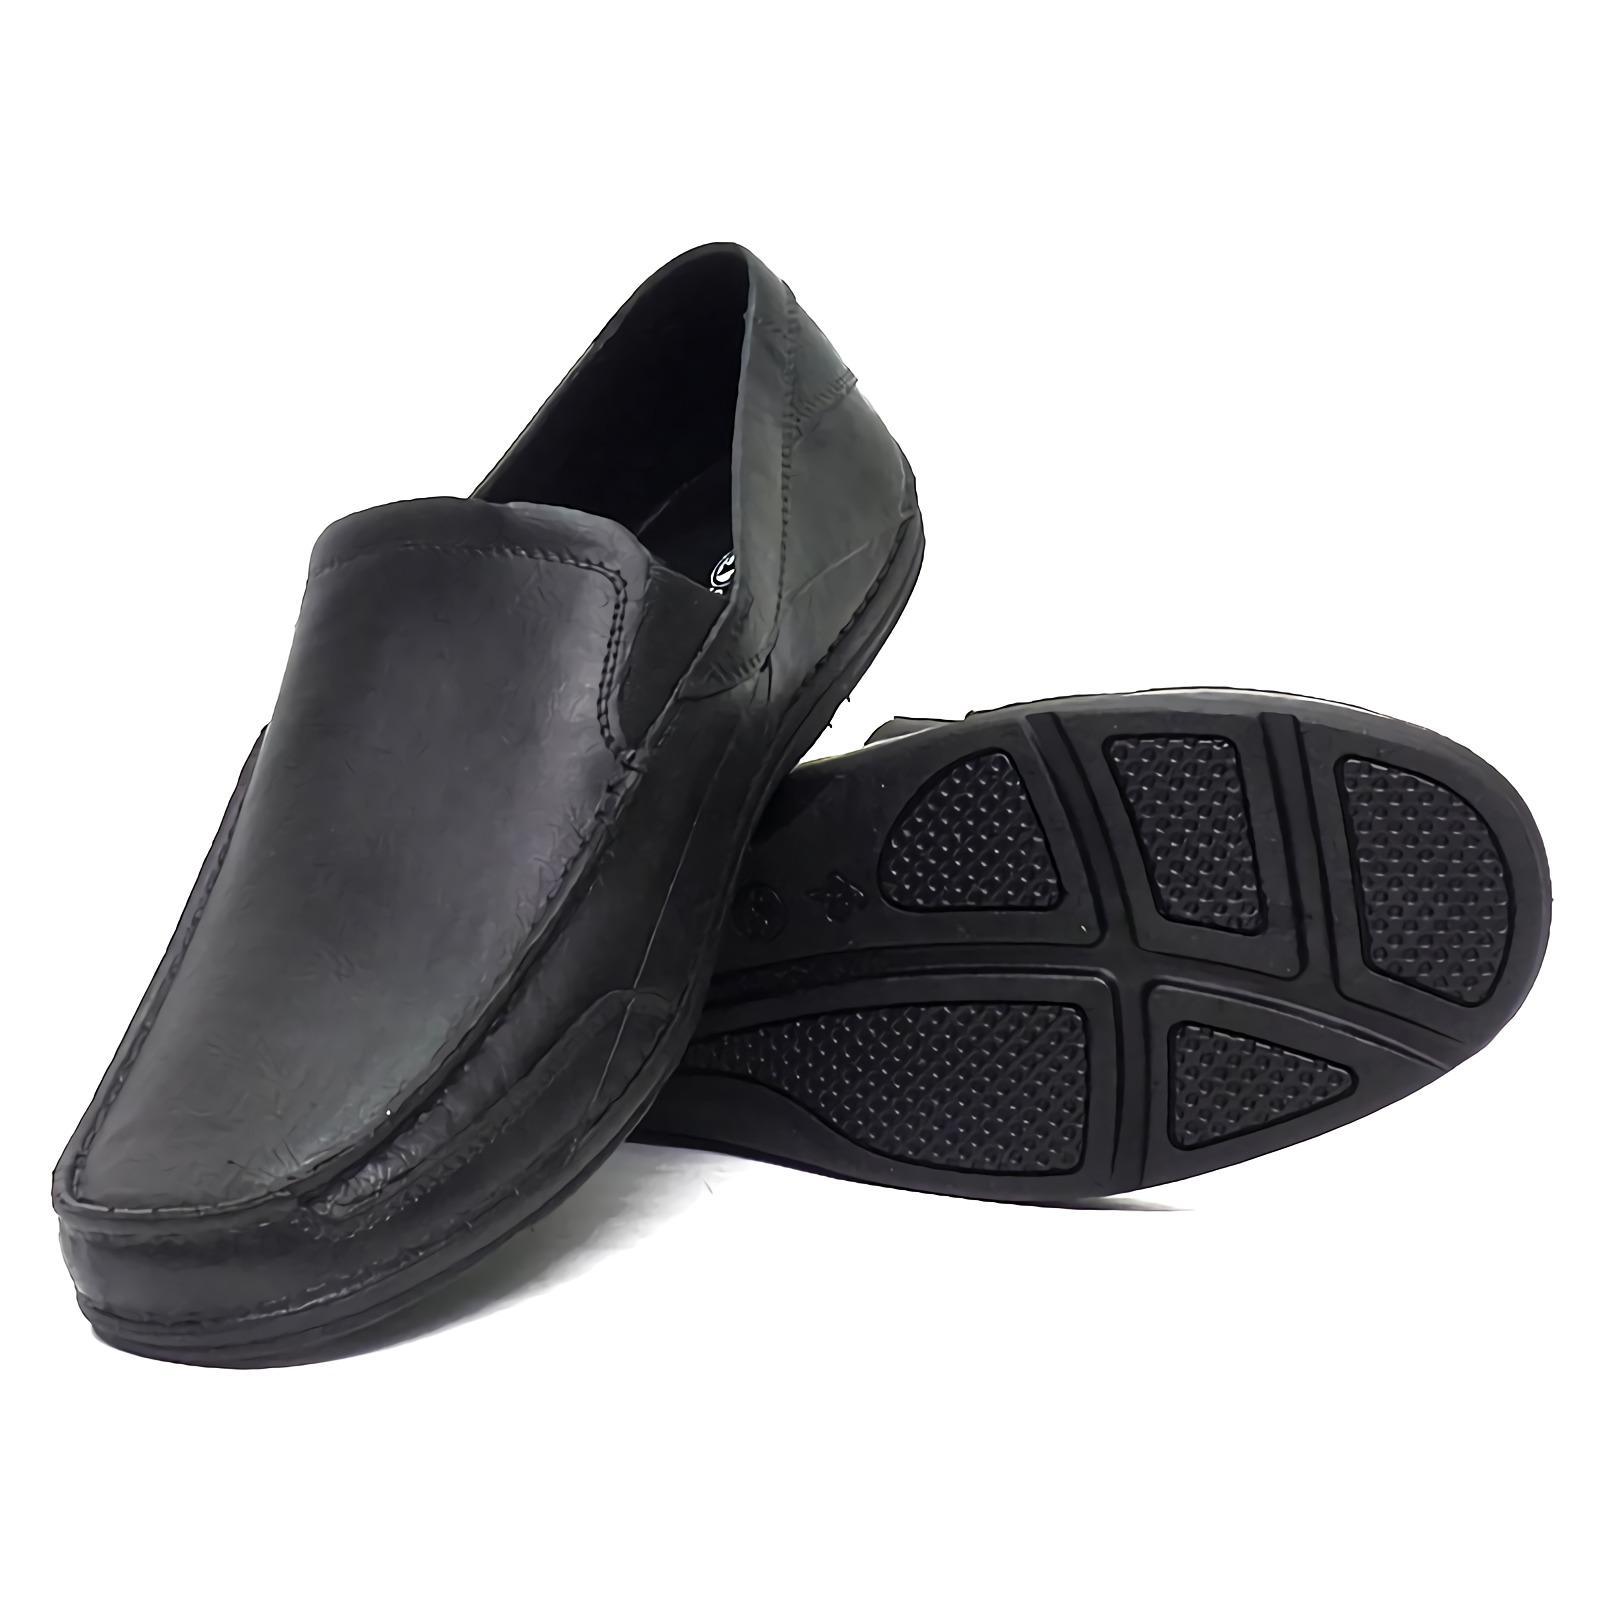 Jual sepatu formal casual murah garansi dan berkualitas  5c1f087204